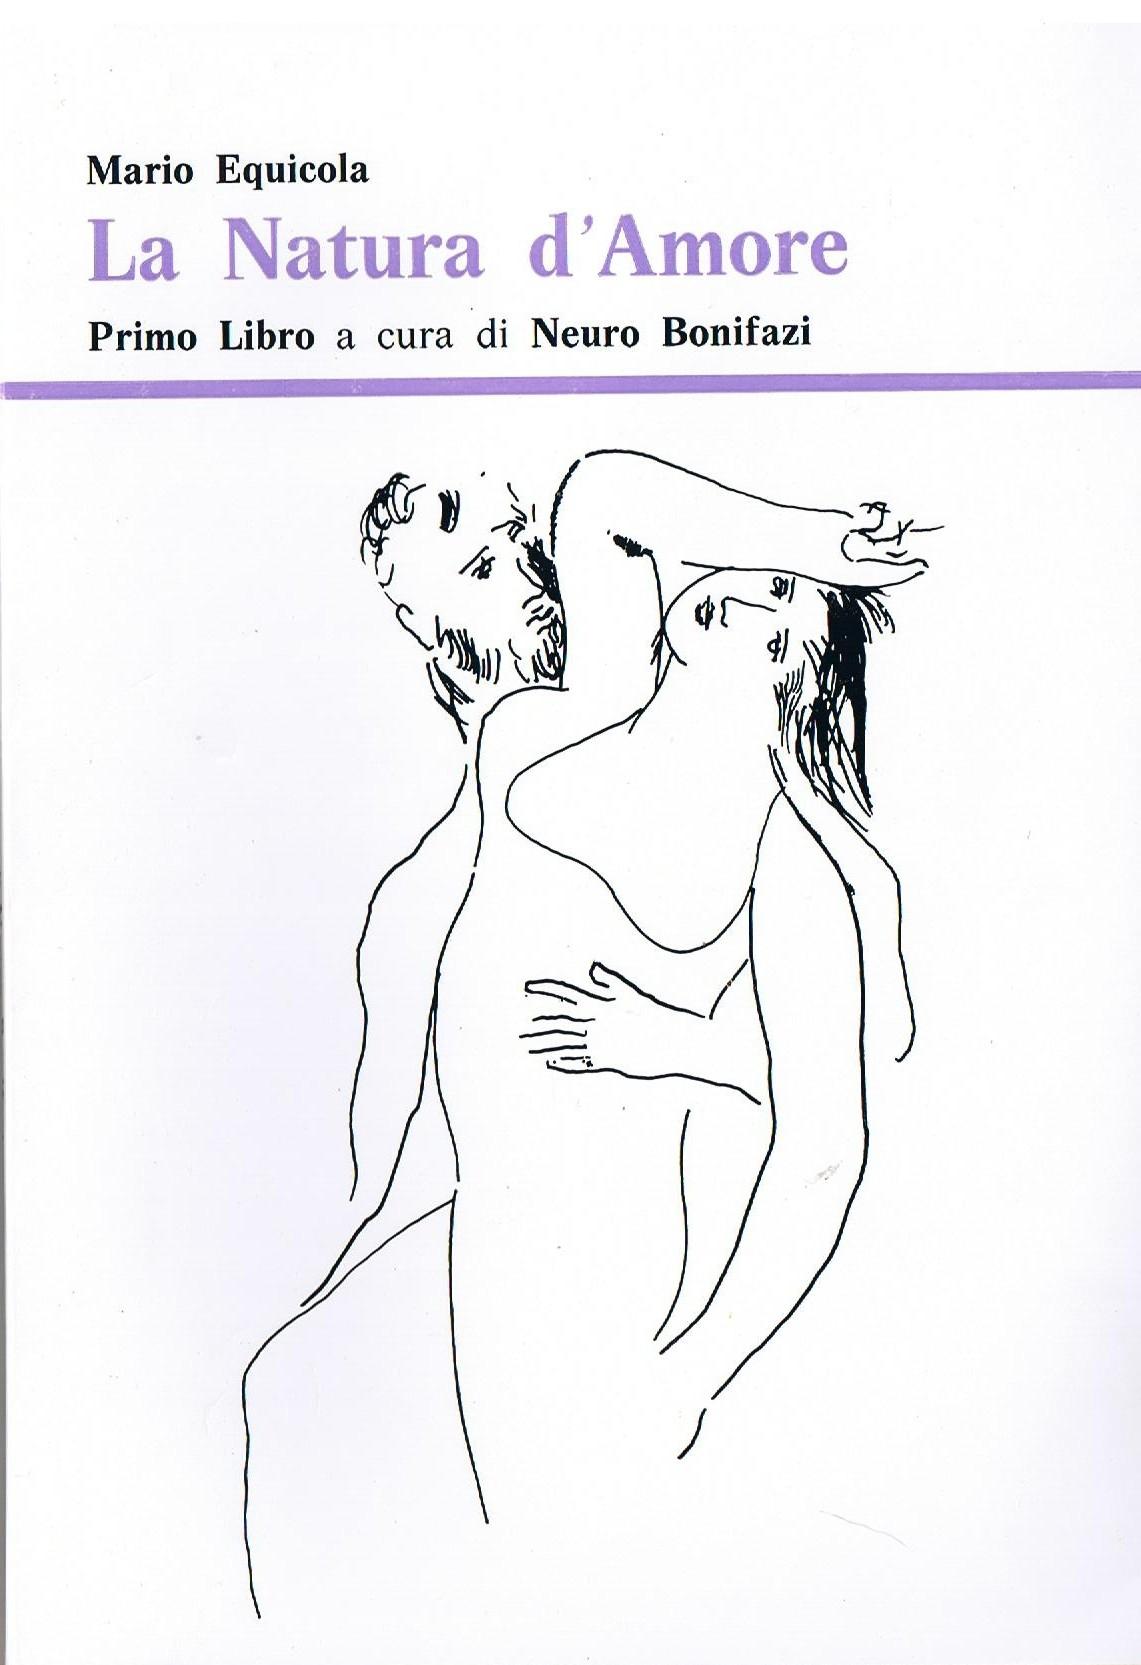 La Natura d'Amore - Libro primo